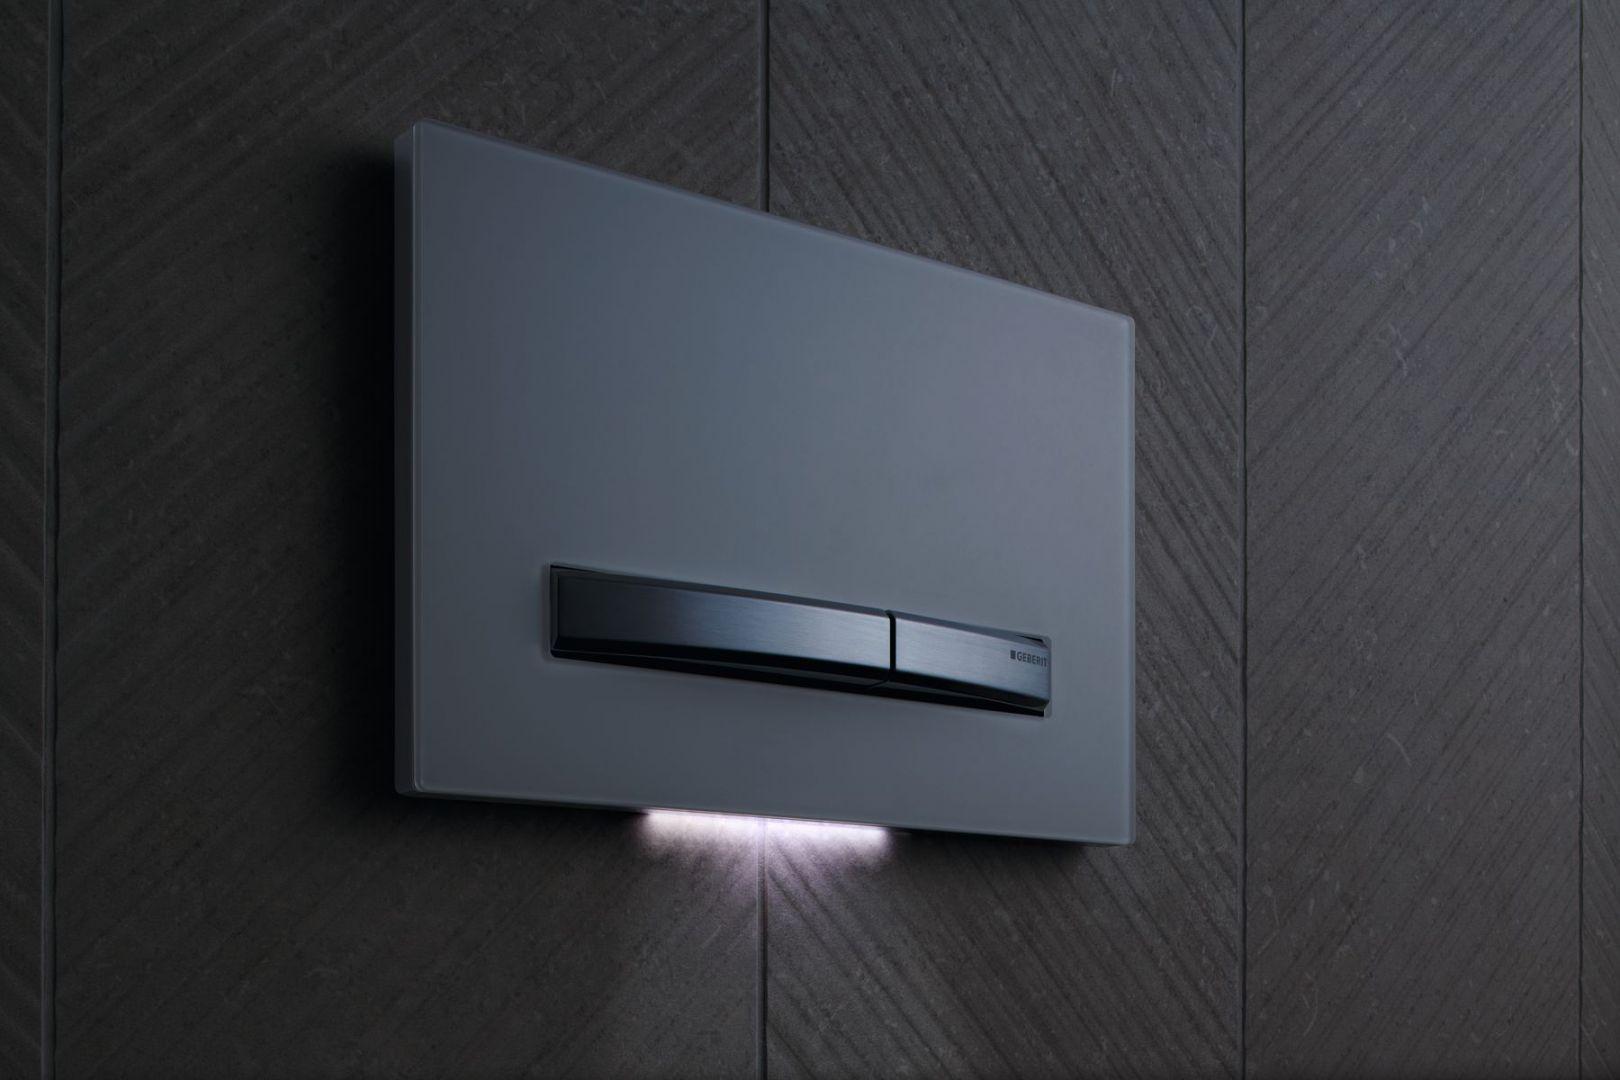 Moduł DuoFresh posiada dyskretne podświetlenie  orientacyjne, wskazujące drogę w przypadku korzystania toalety w porze nocnej.   Fot. Geberit